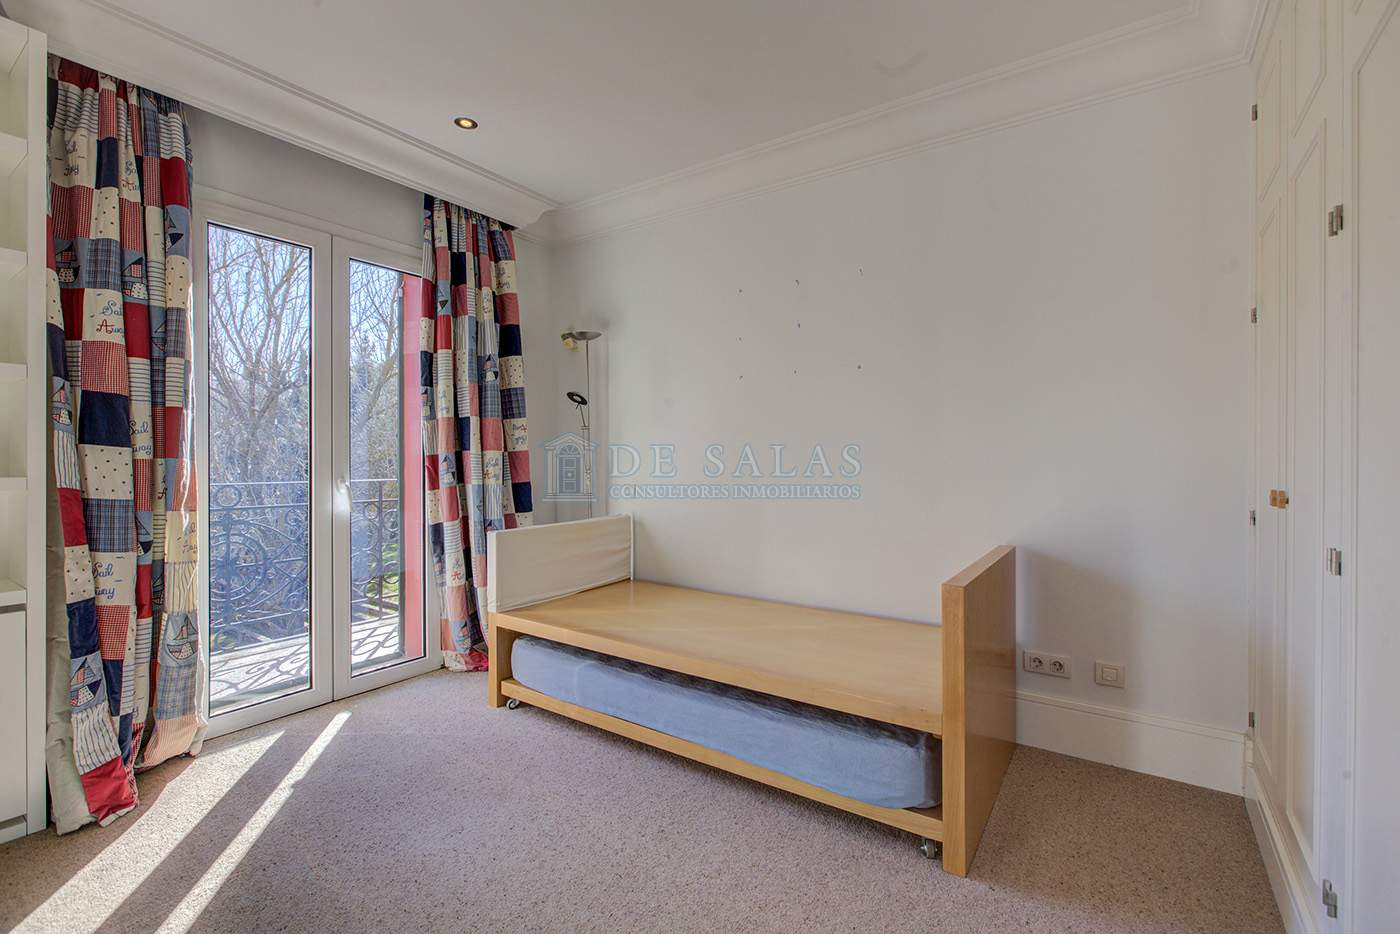 Dormitorio-IMG_9174_5_6 copia